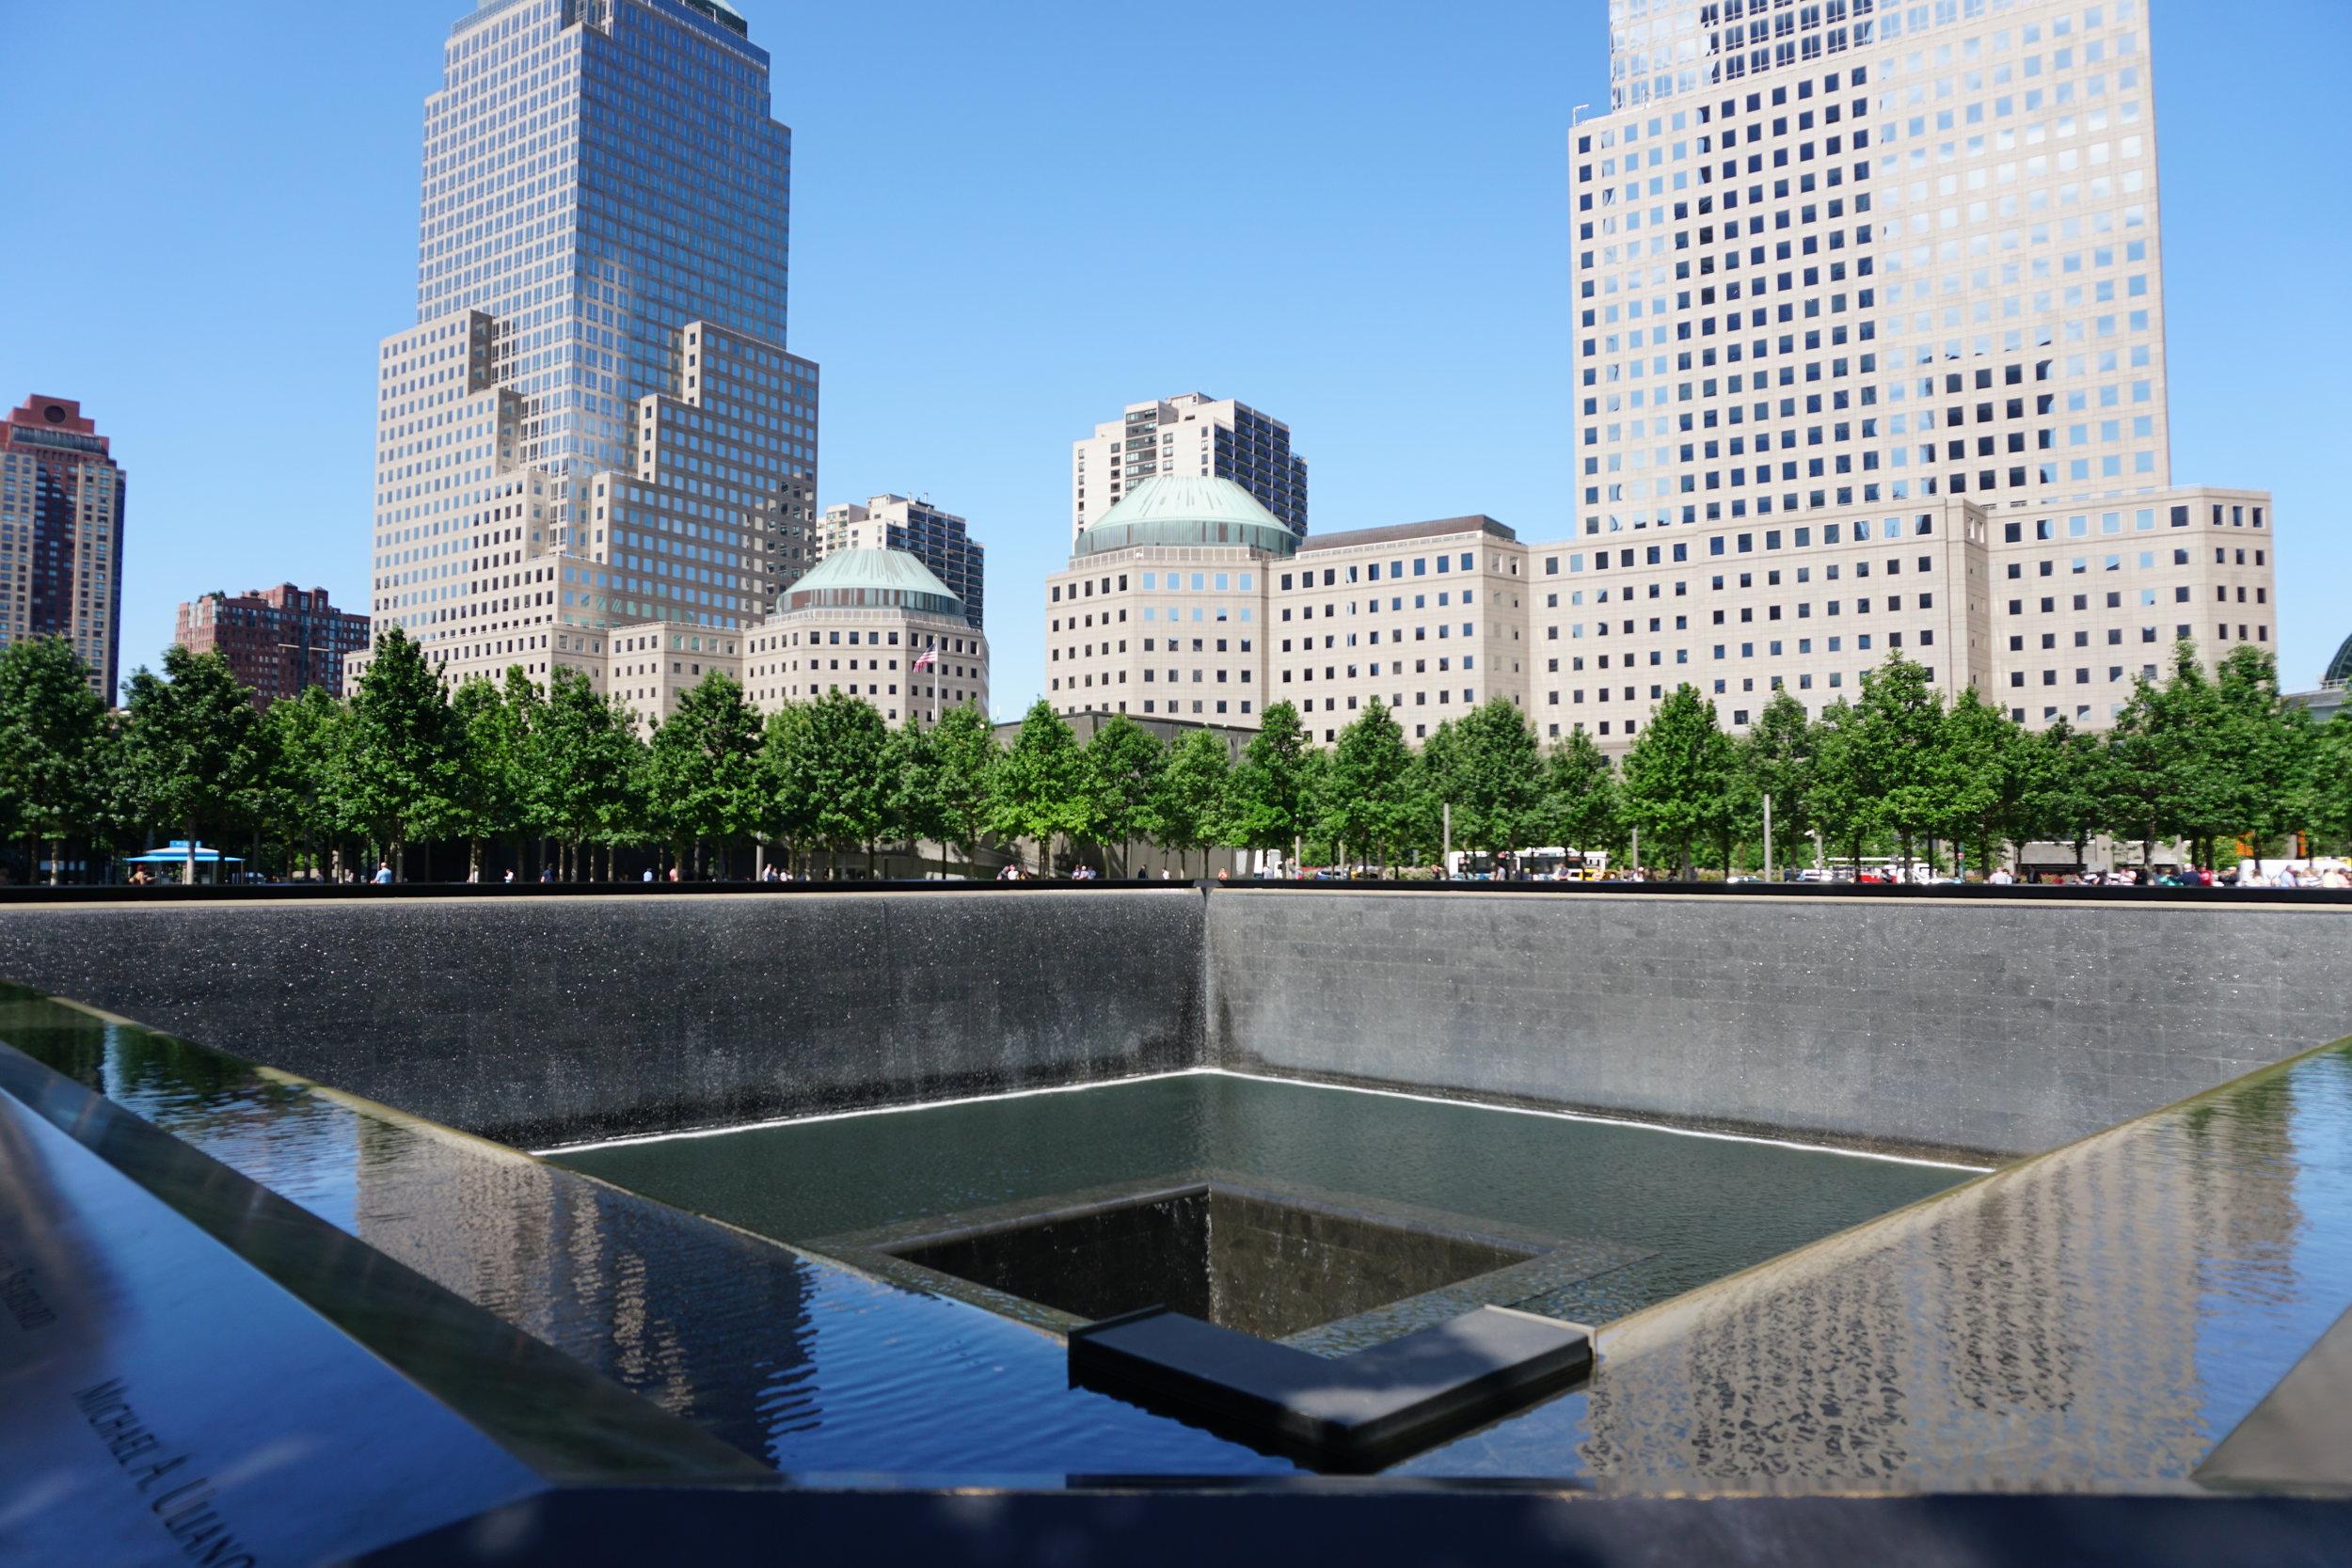 National September 11 Memorial & Museum.